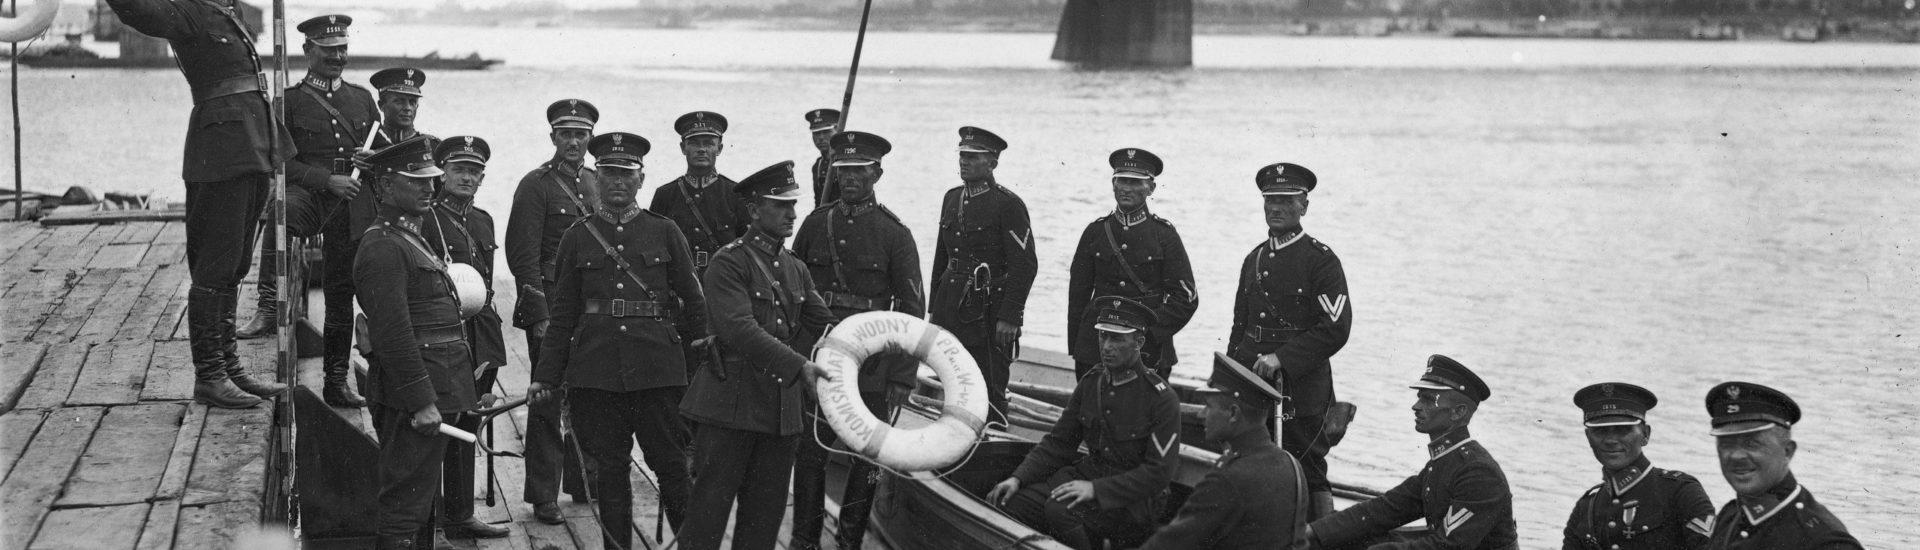 Przedwojenni policjanci na łodzi i pomoście